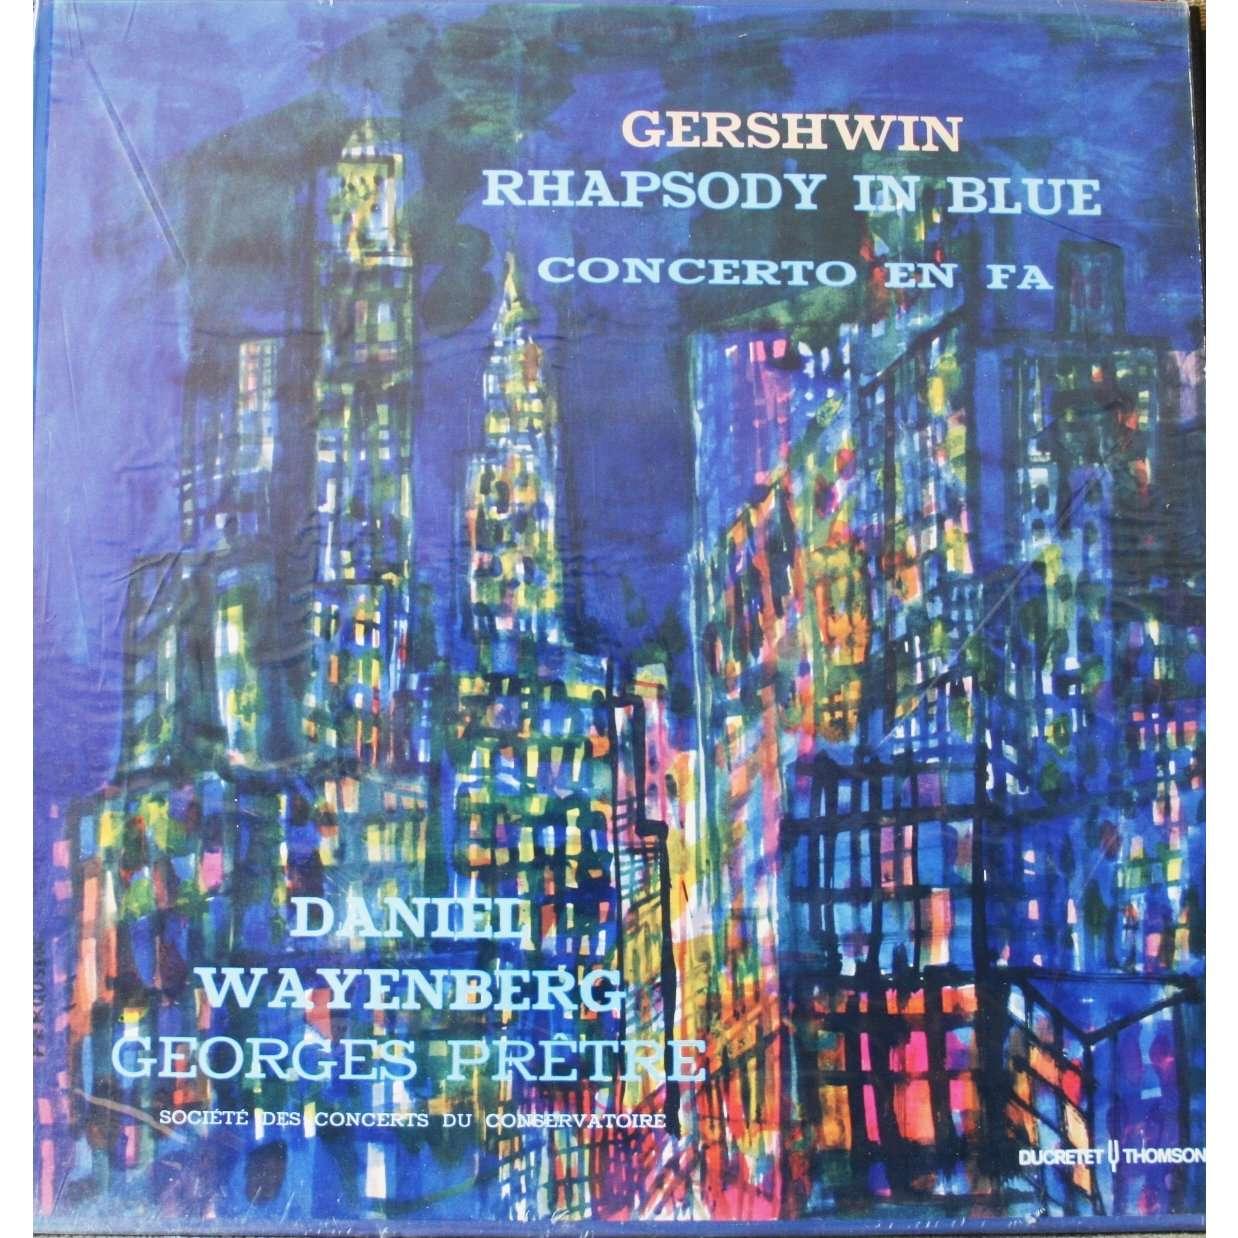 gershwin rhapsody in blue by daniel wayenberg georges. Black Bedroom Furniture Sets. Home Design Ideas